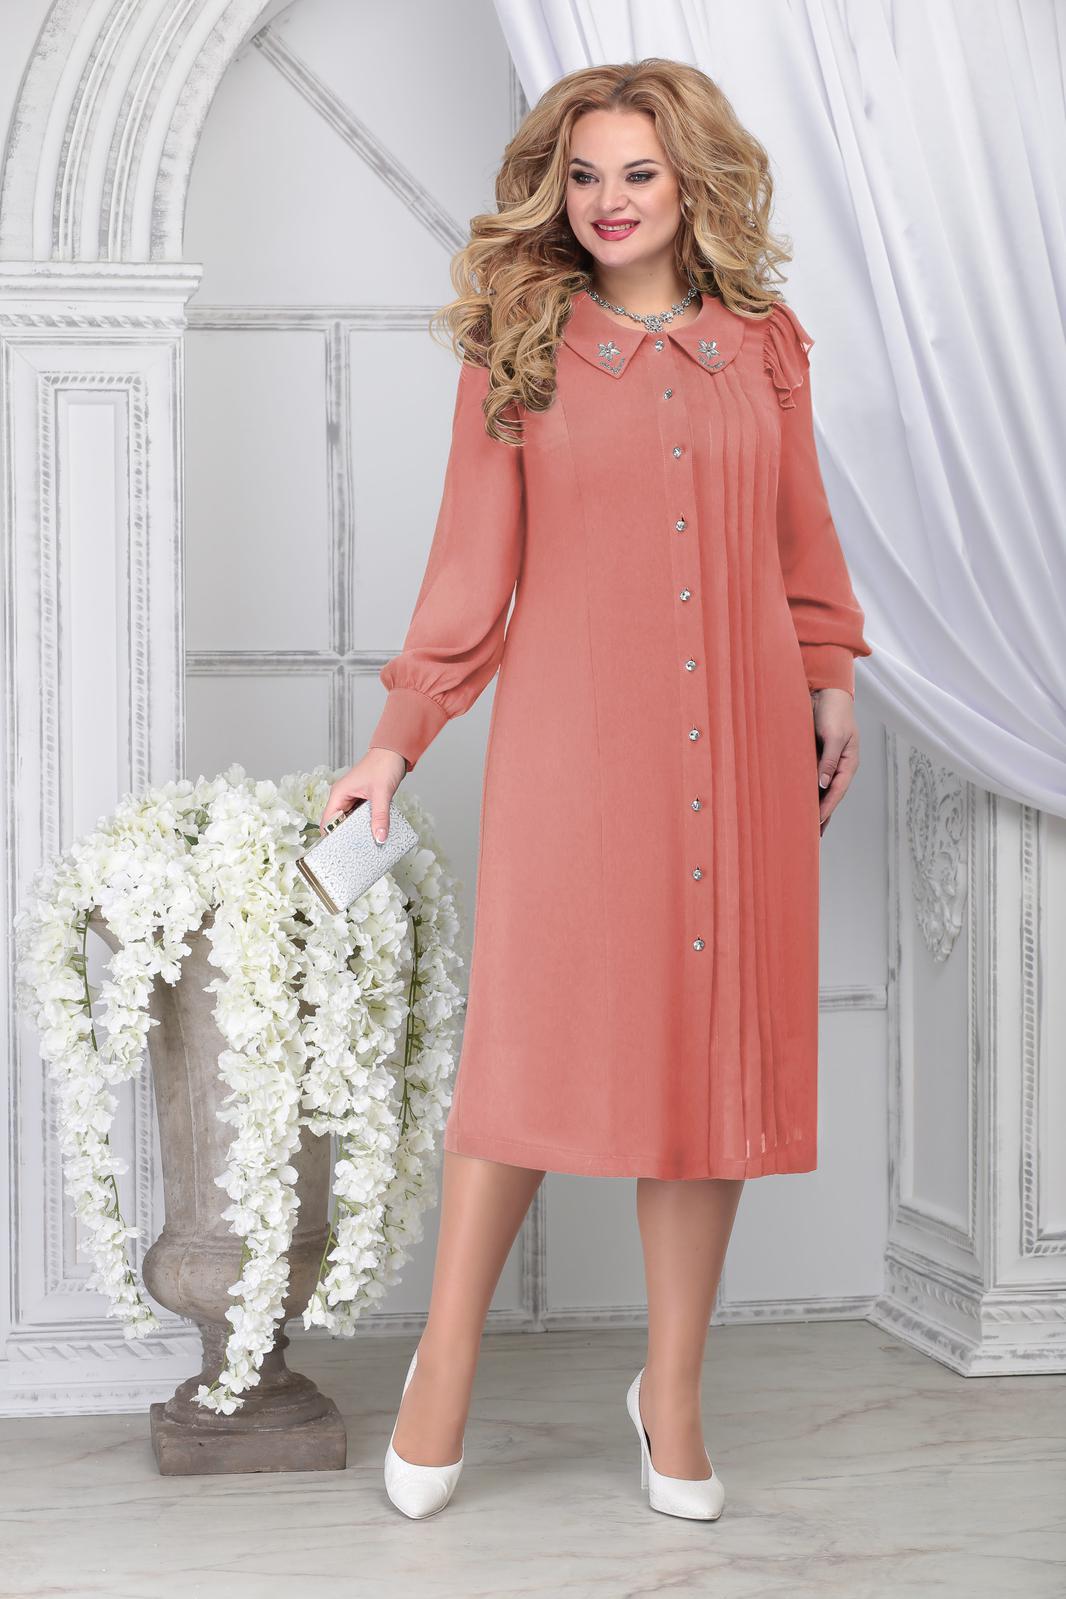 LIA7141 Persiku krāsas kreklkleita